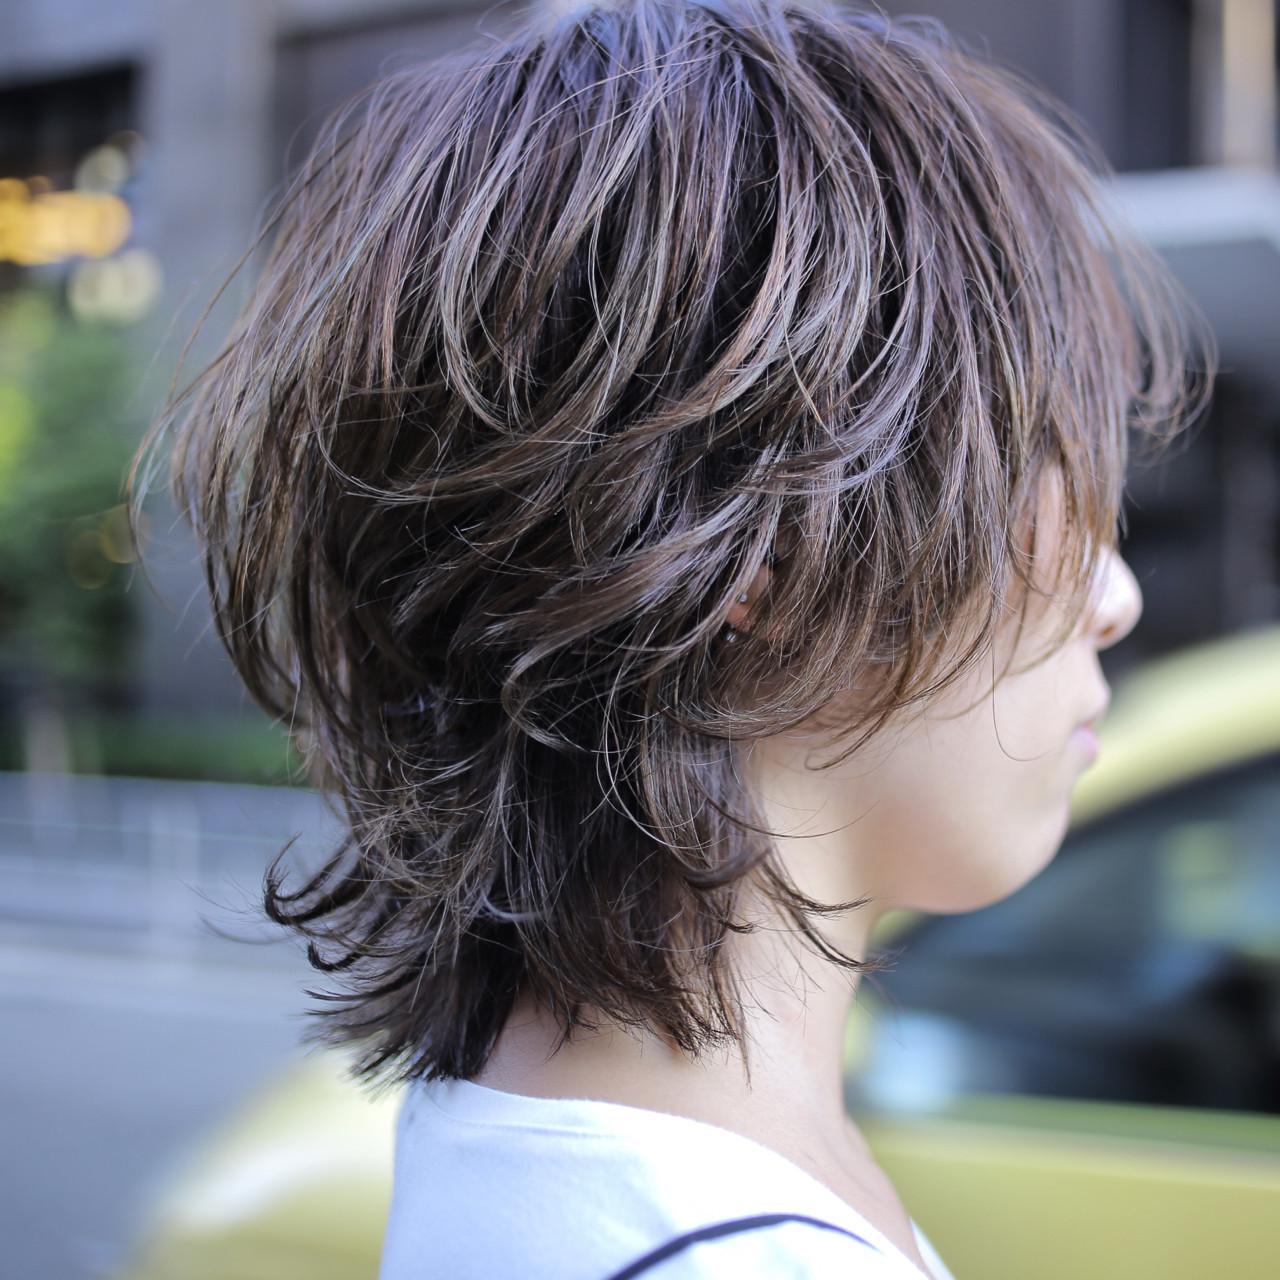 レイヤーカット ウルフカット 色気 ボブ ヘアスタイルや髪型の写真・画像